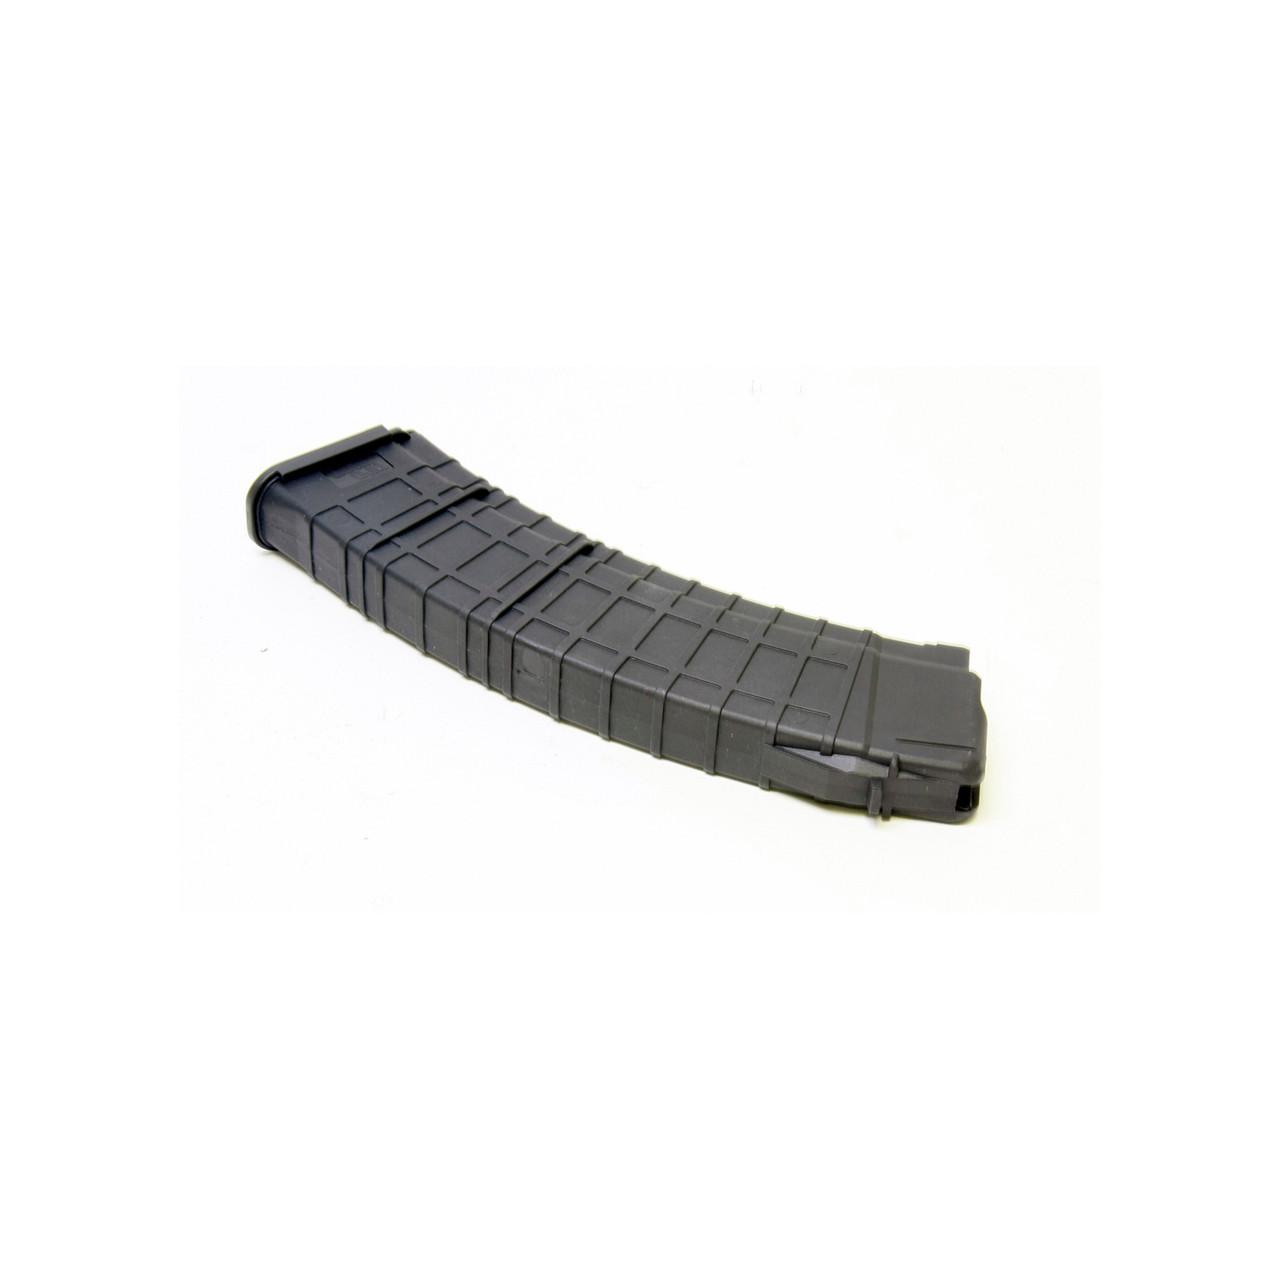 AK-74 5.45x39mm (40) Rd - Black Polymer